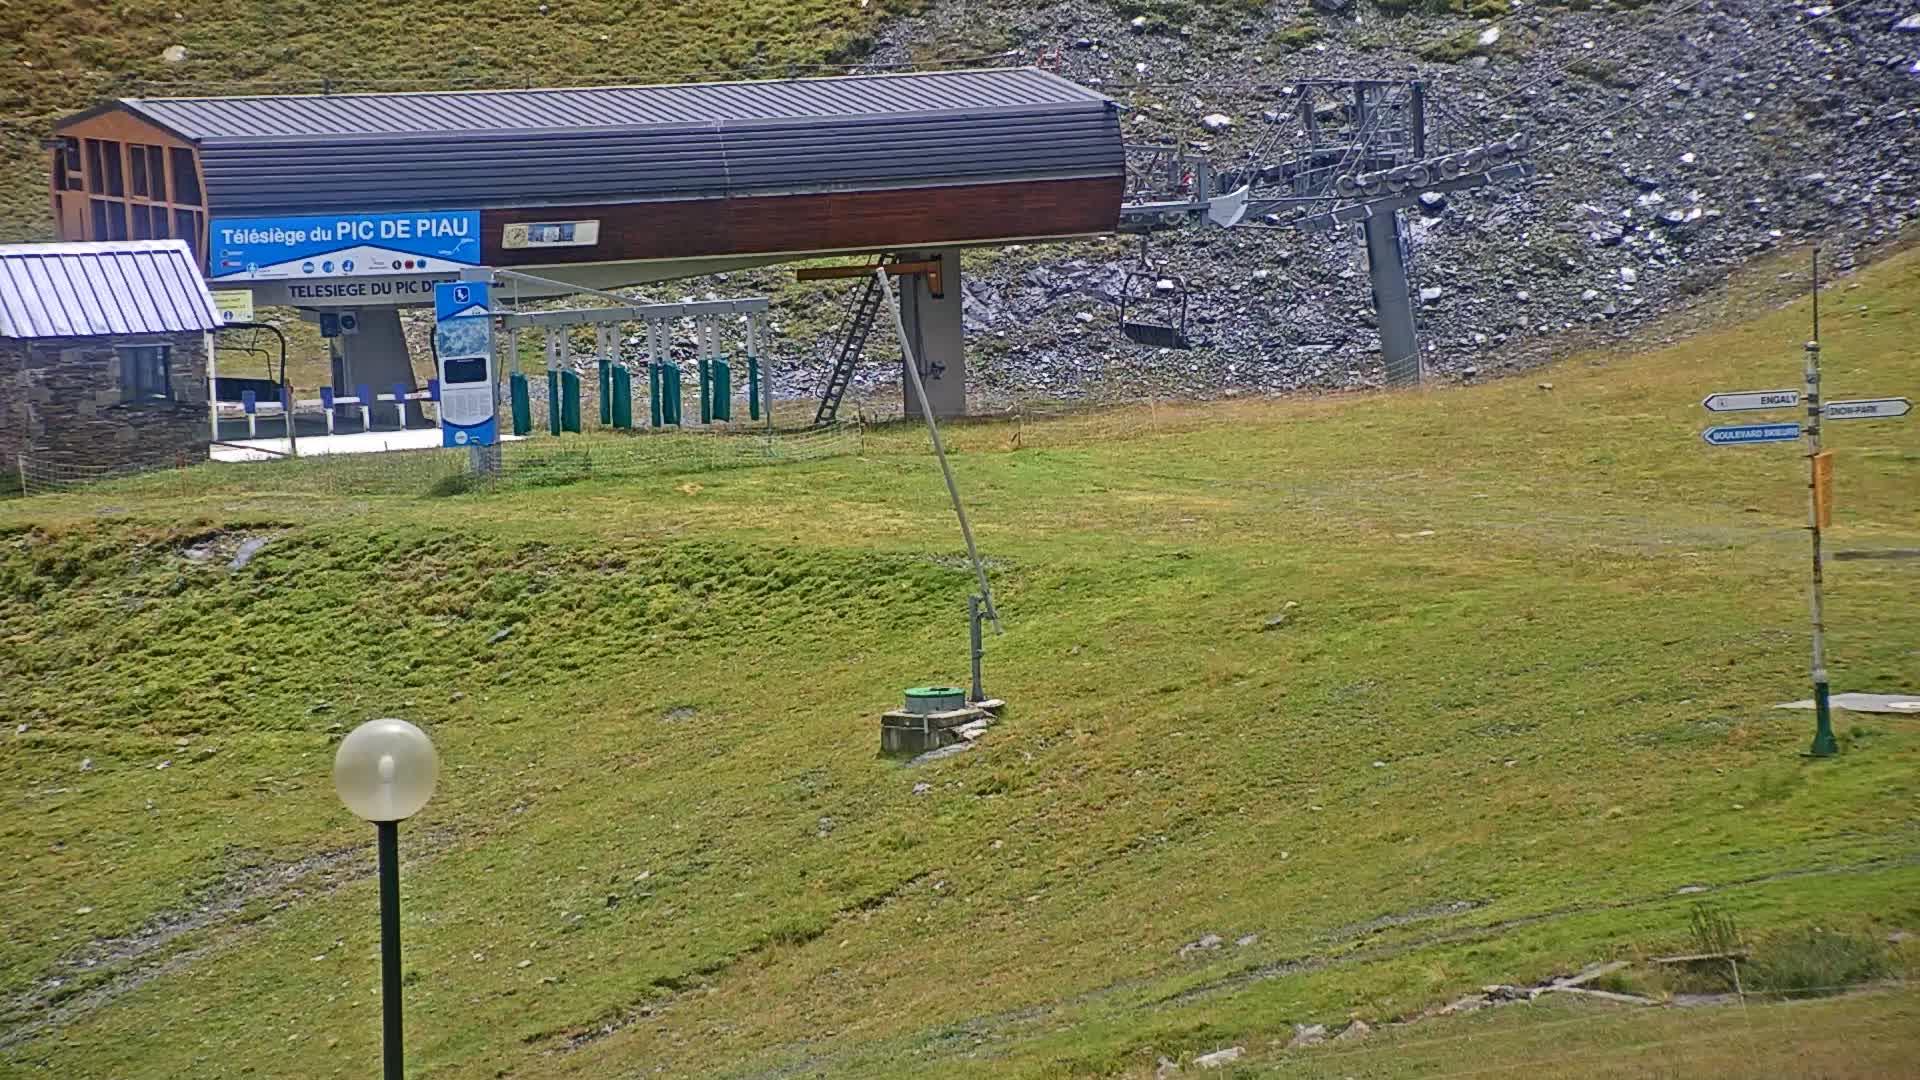 Paiu Engaly webcam - bttom ski station Pic de Piau